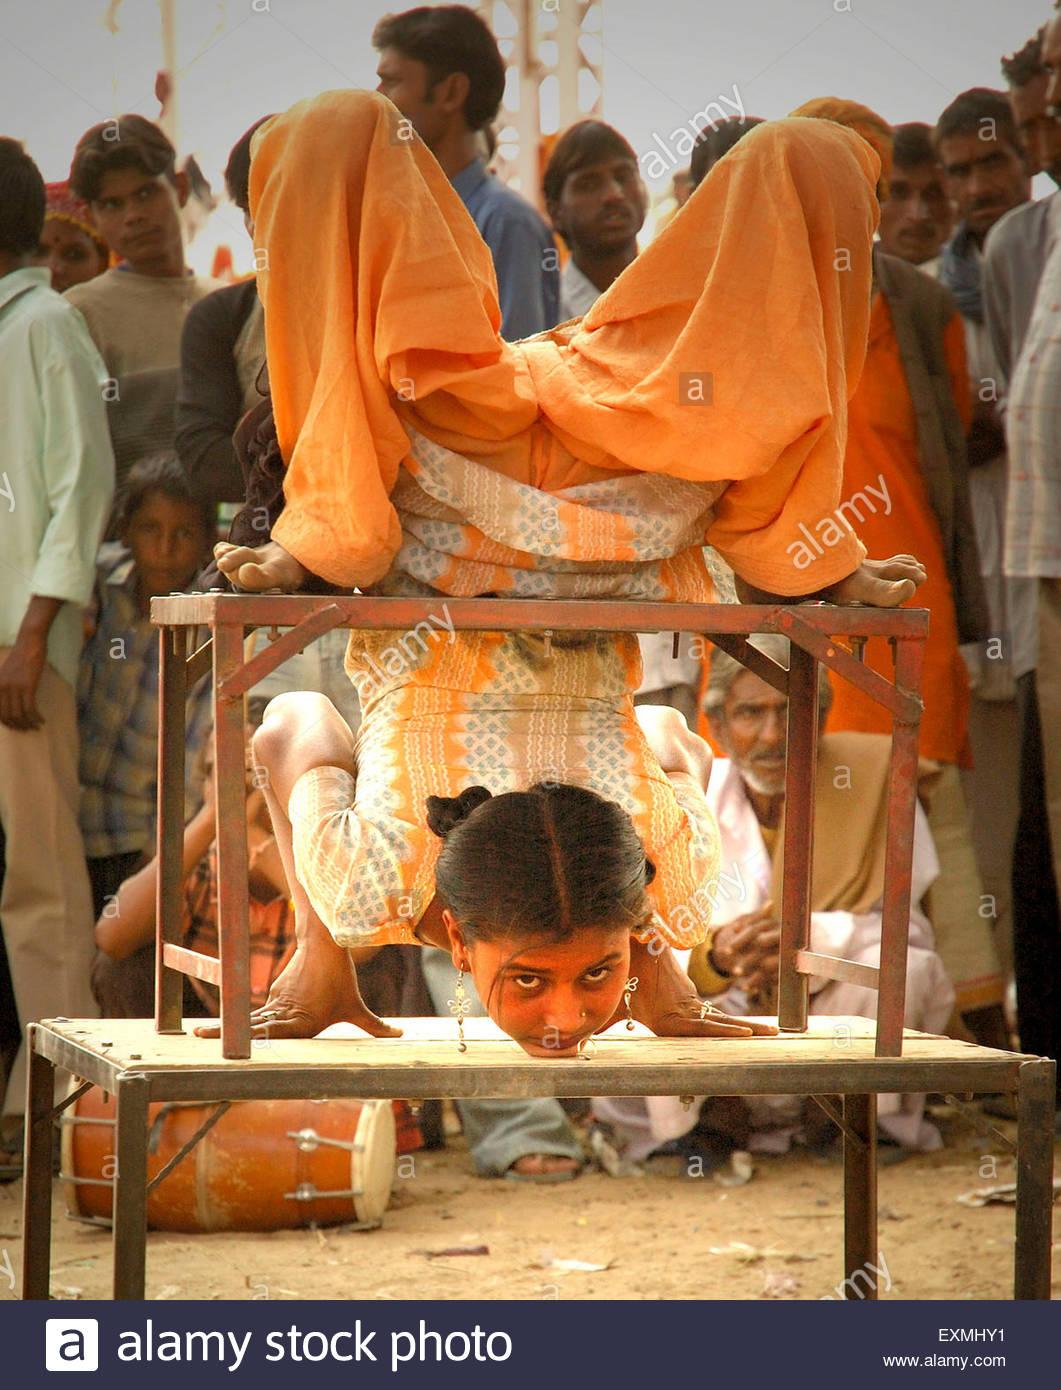 Bücken nach hinten um seinen Lebensunterhalt zu verdienen; Indien Stockbild